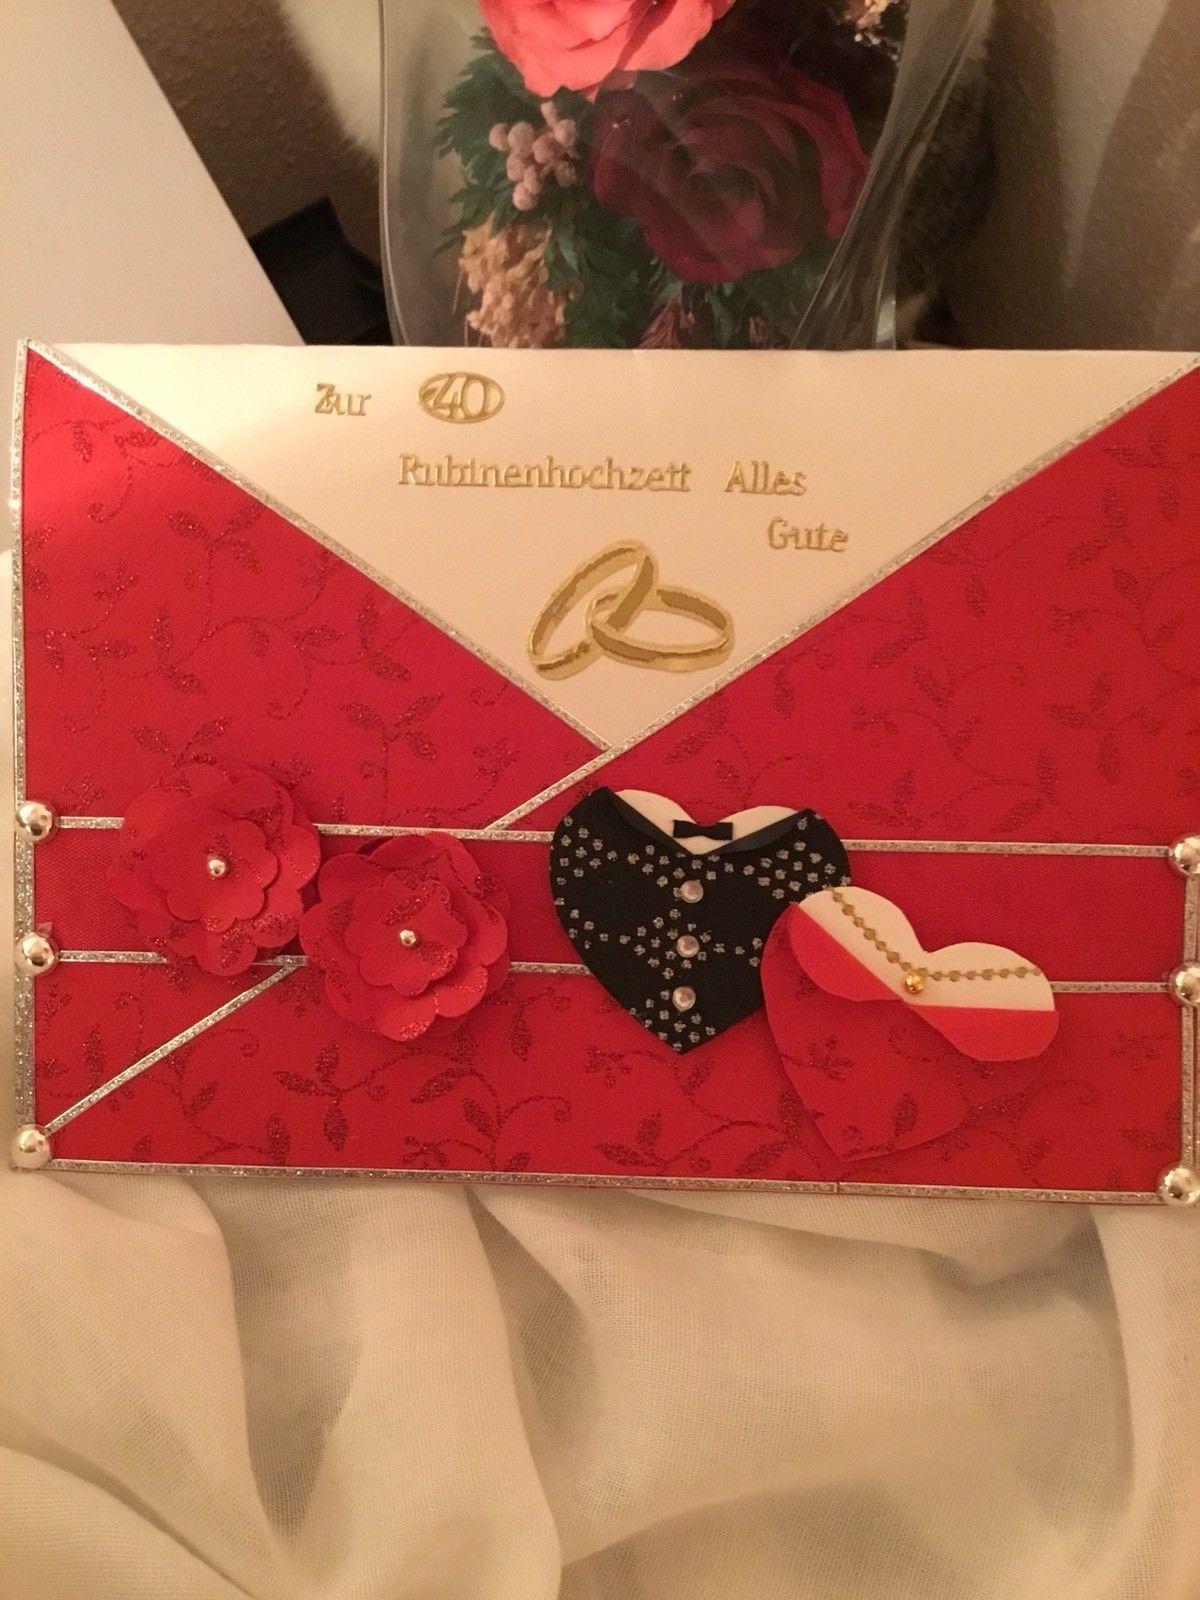 3d Grusskarte Gluckwunsch Karte Zur Rubin Hochzeit 40 Jahre Edle Handarbeit Gluckwunschkarte Geburtstagskarte Rubinhochzeit